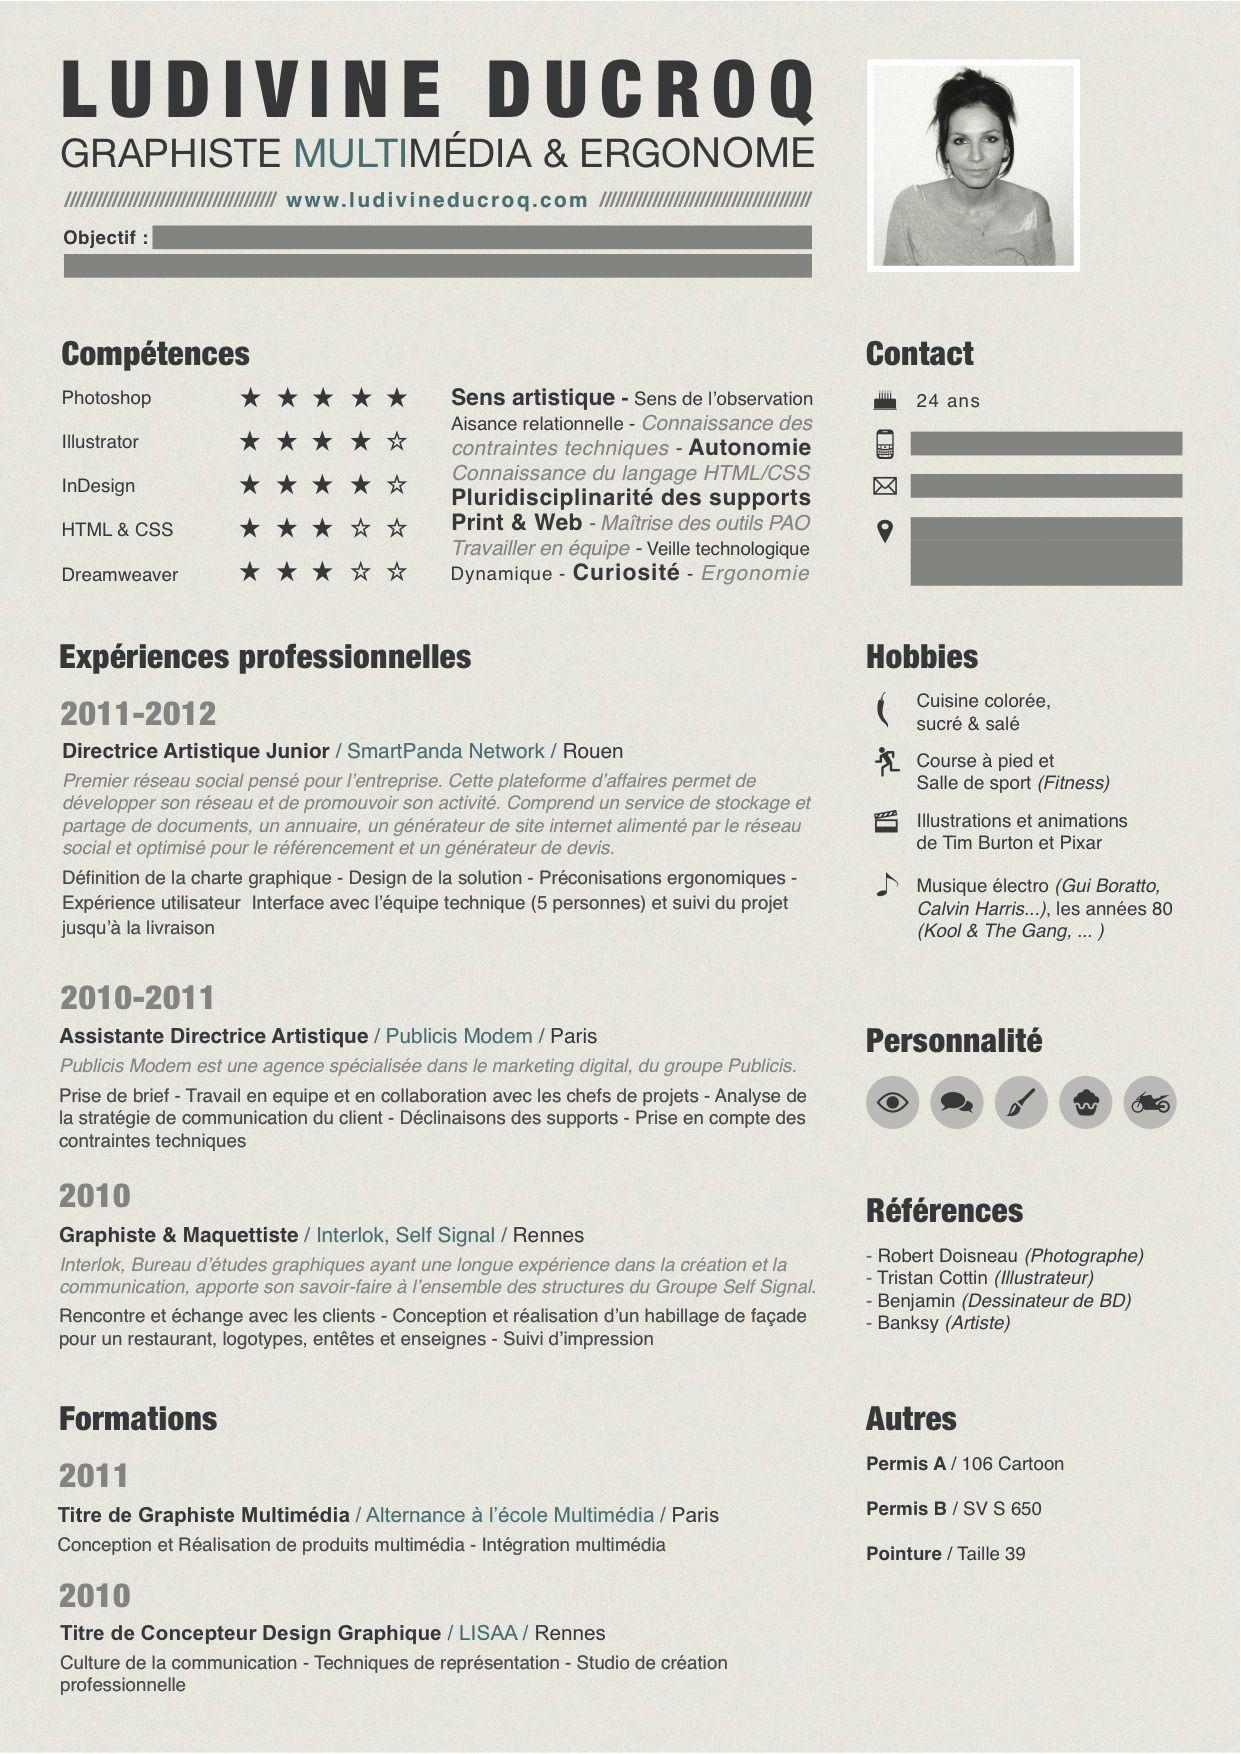 curriculum vitae graphiste multim u00e9dia - webdesigner